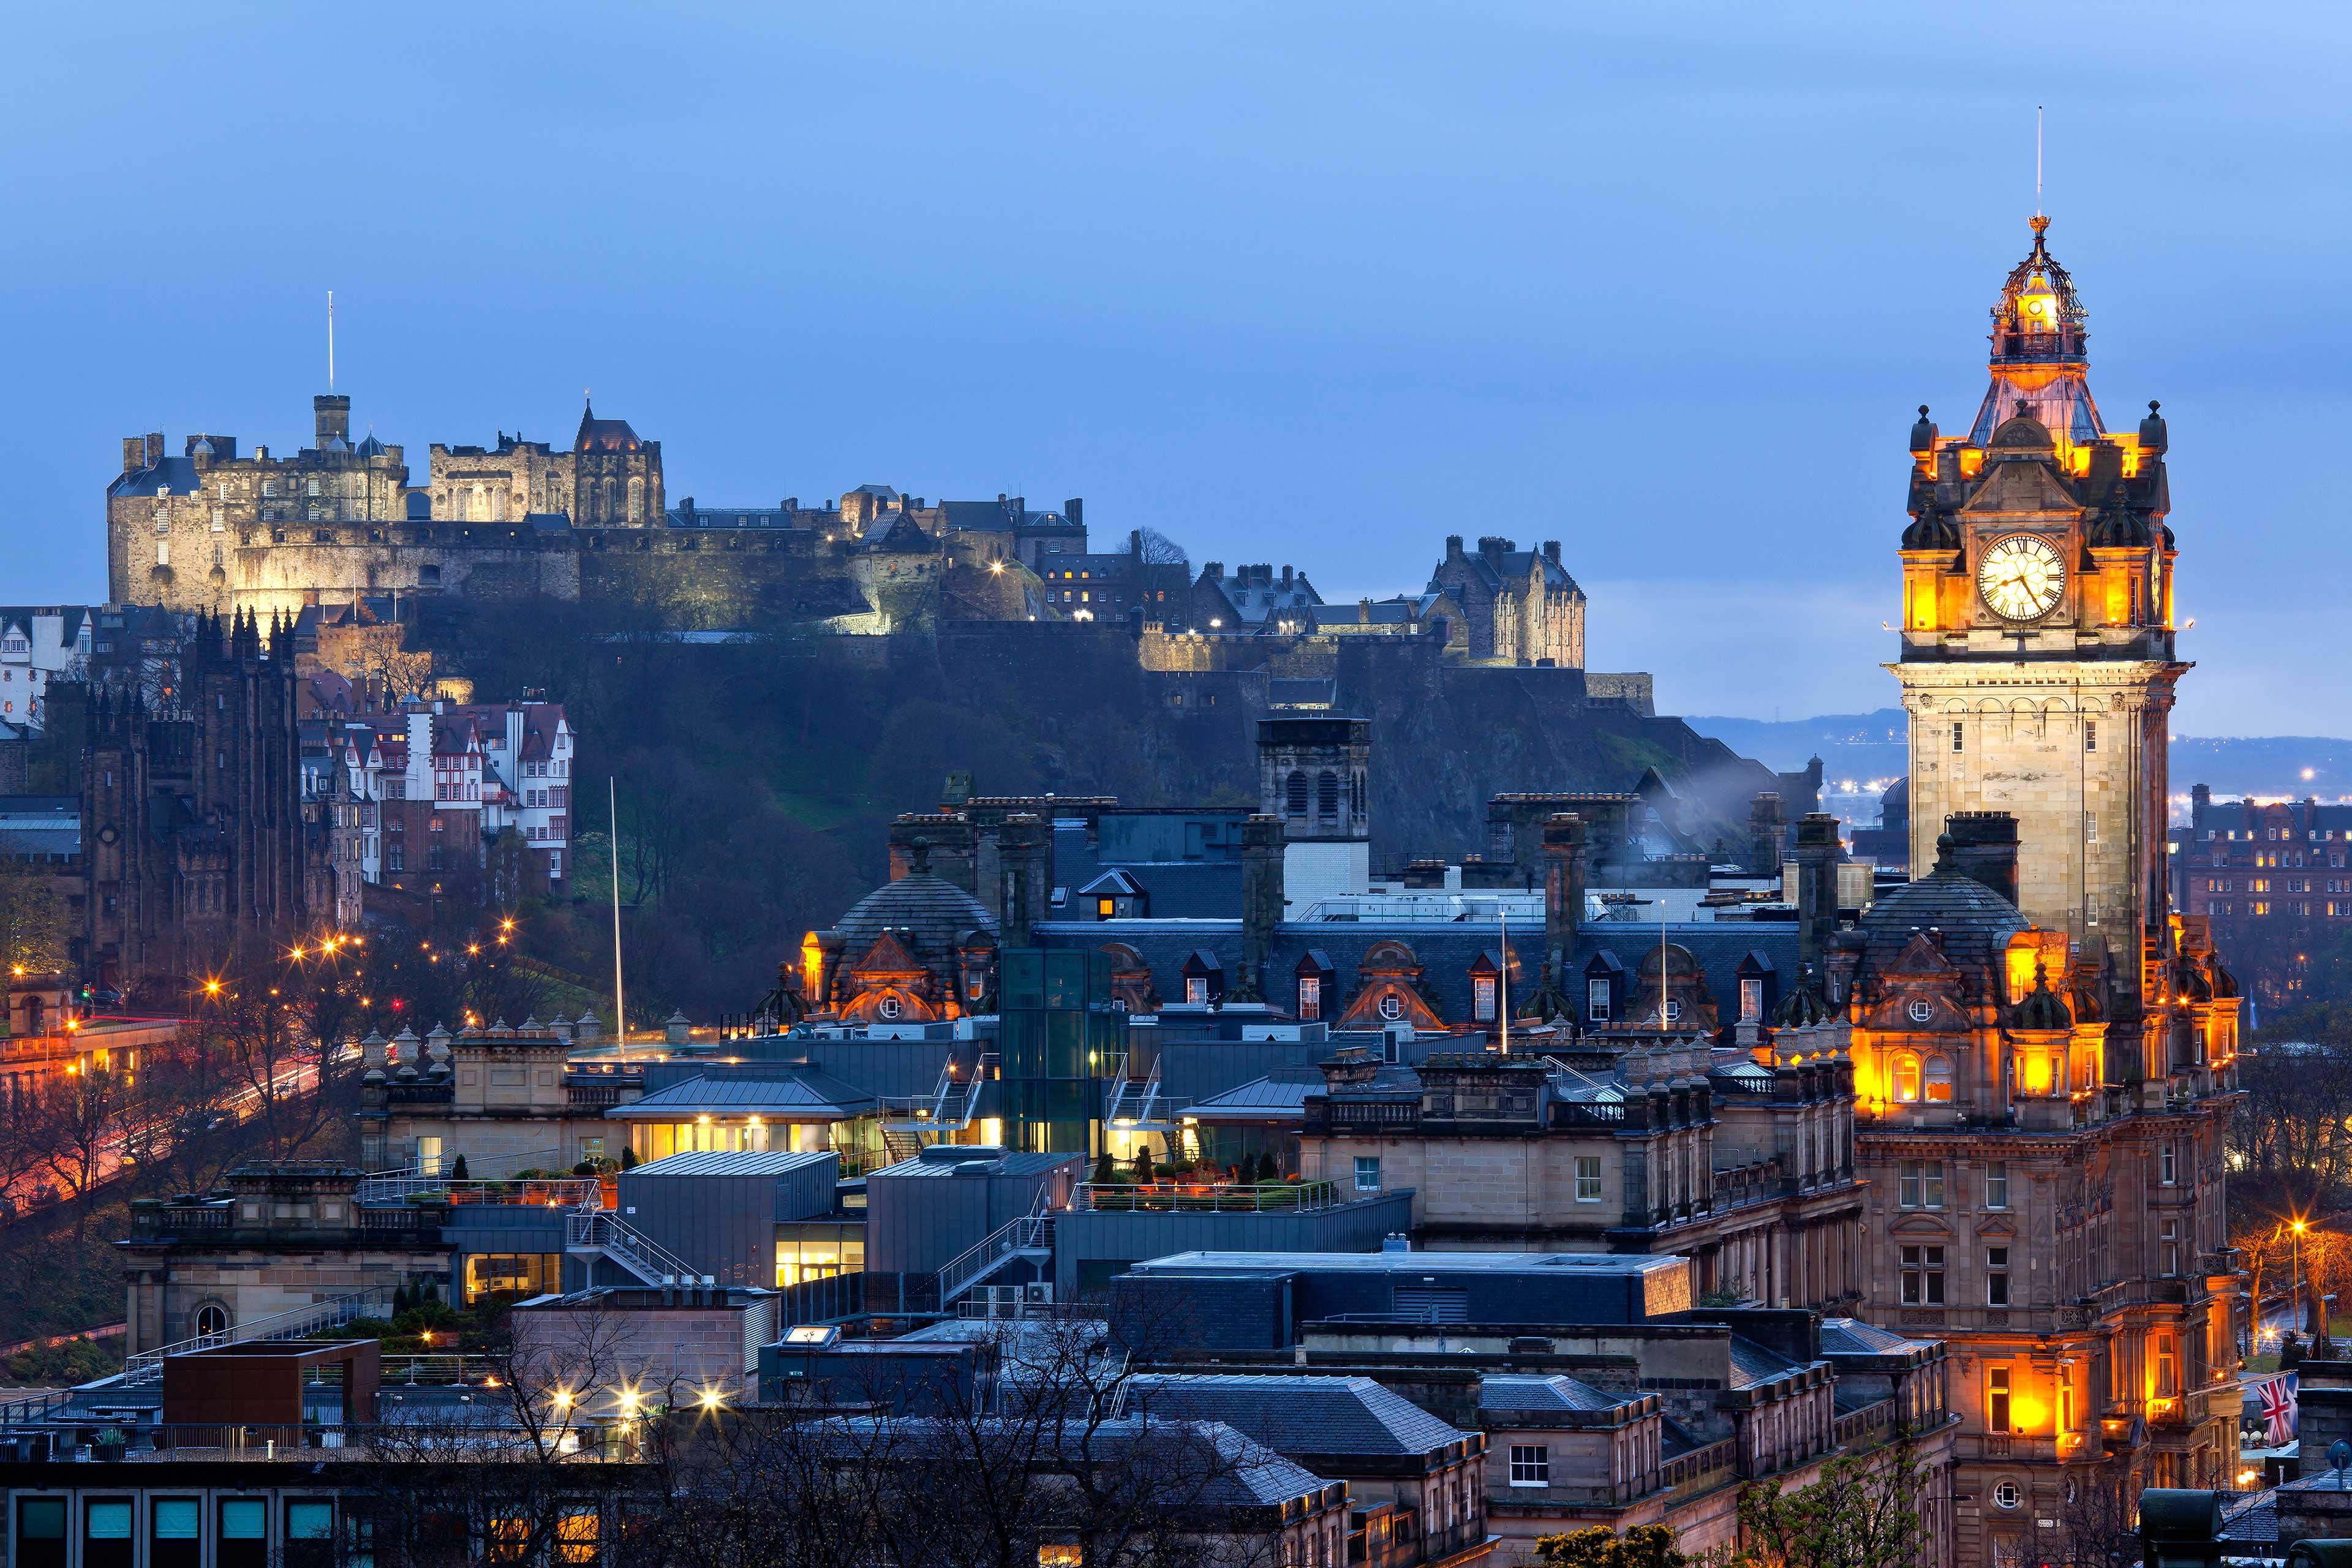 EY - Edinburgh Castle